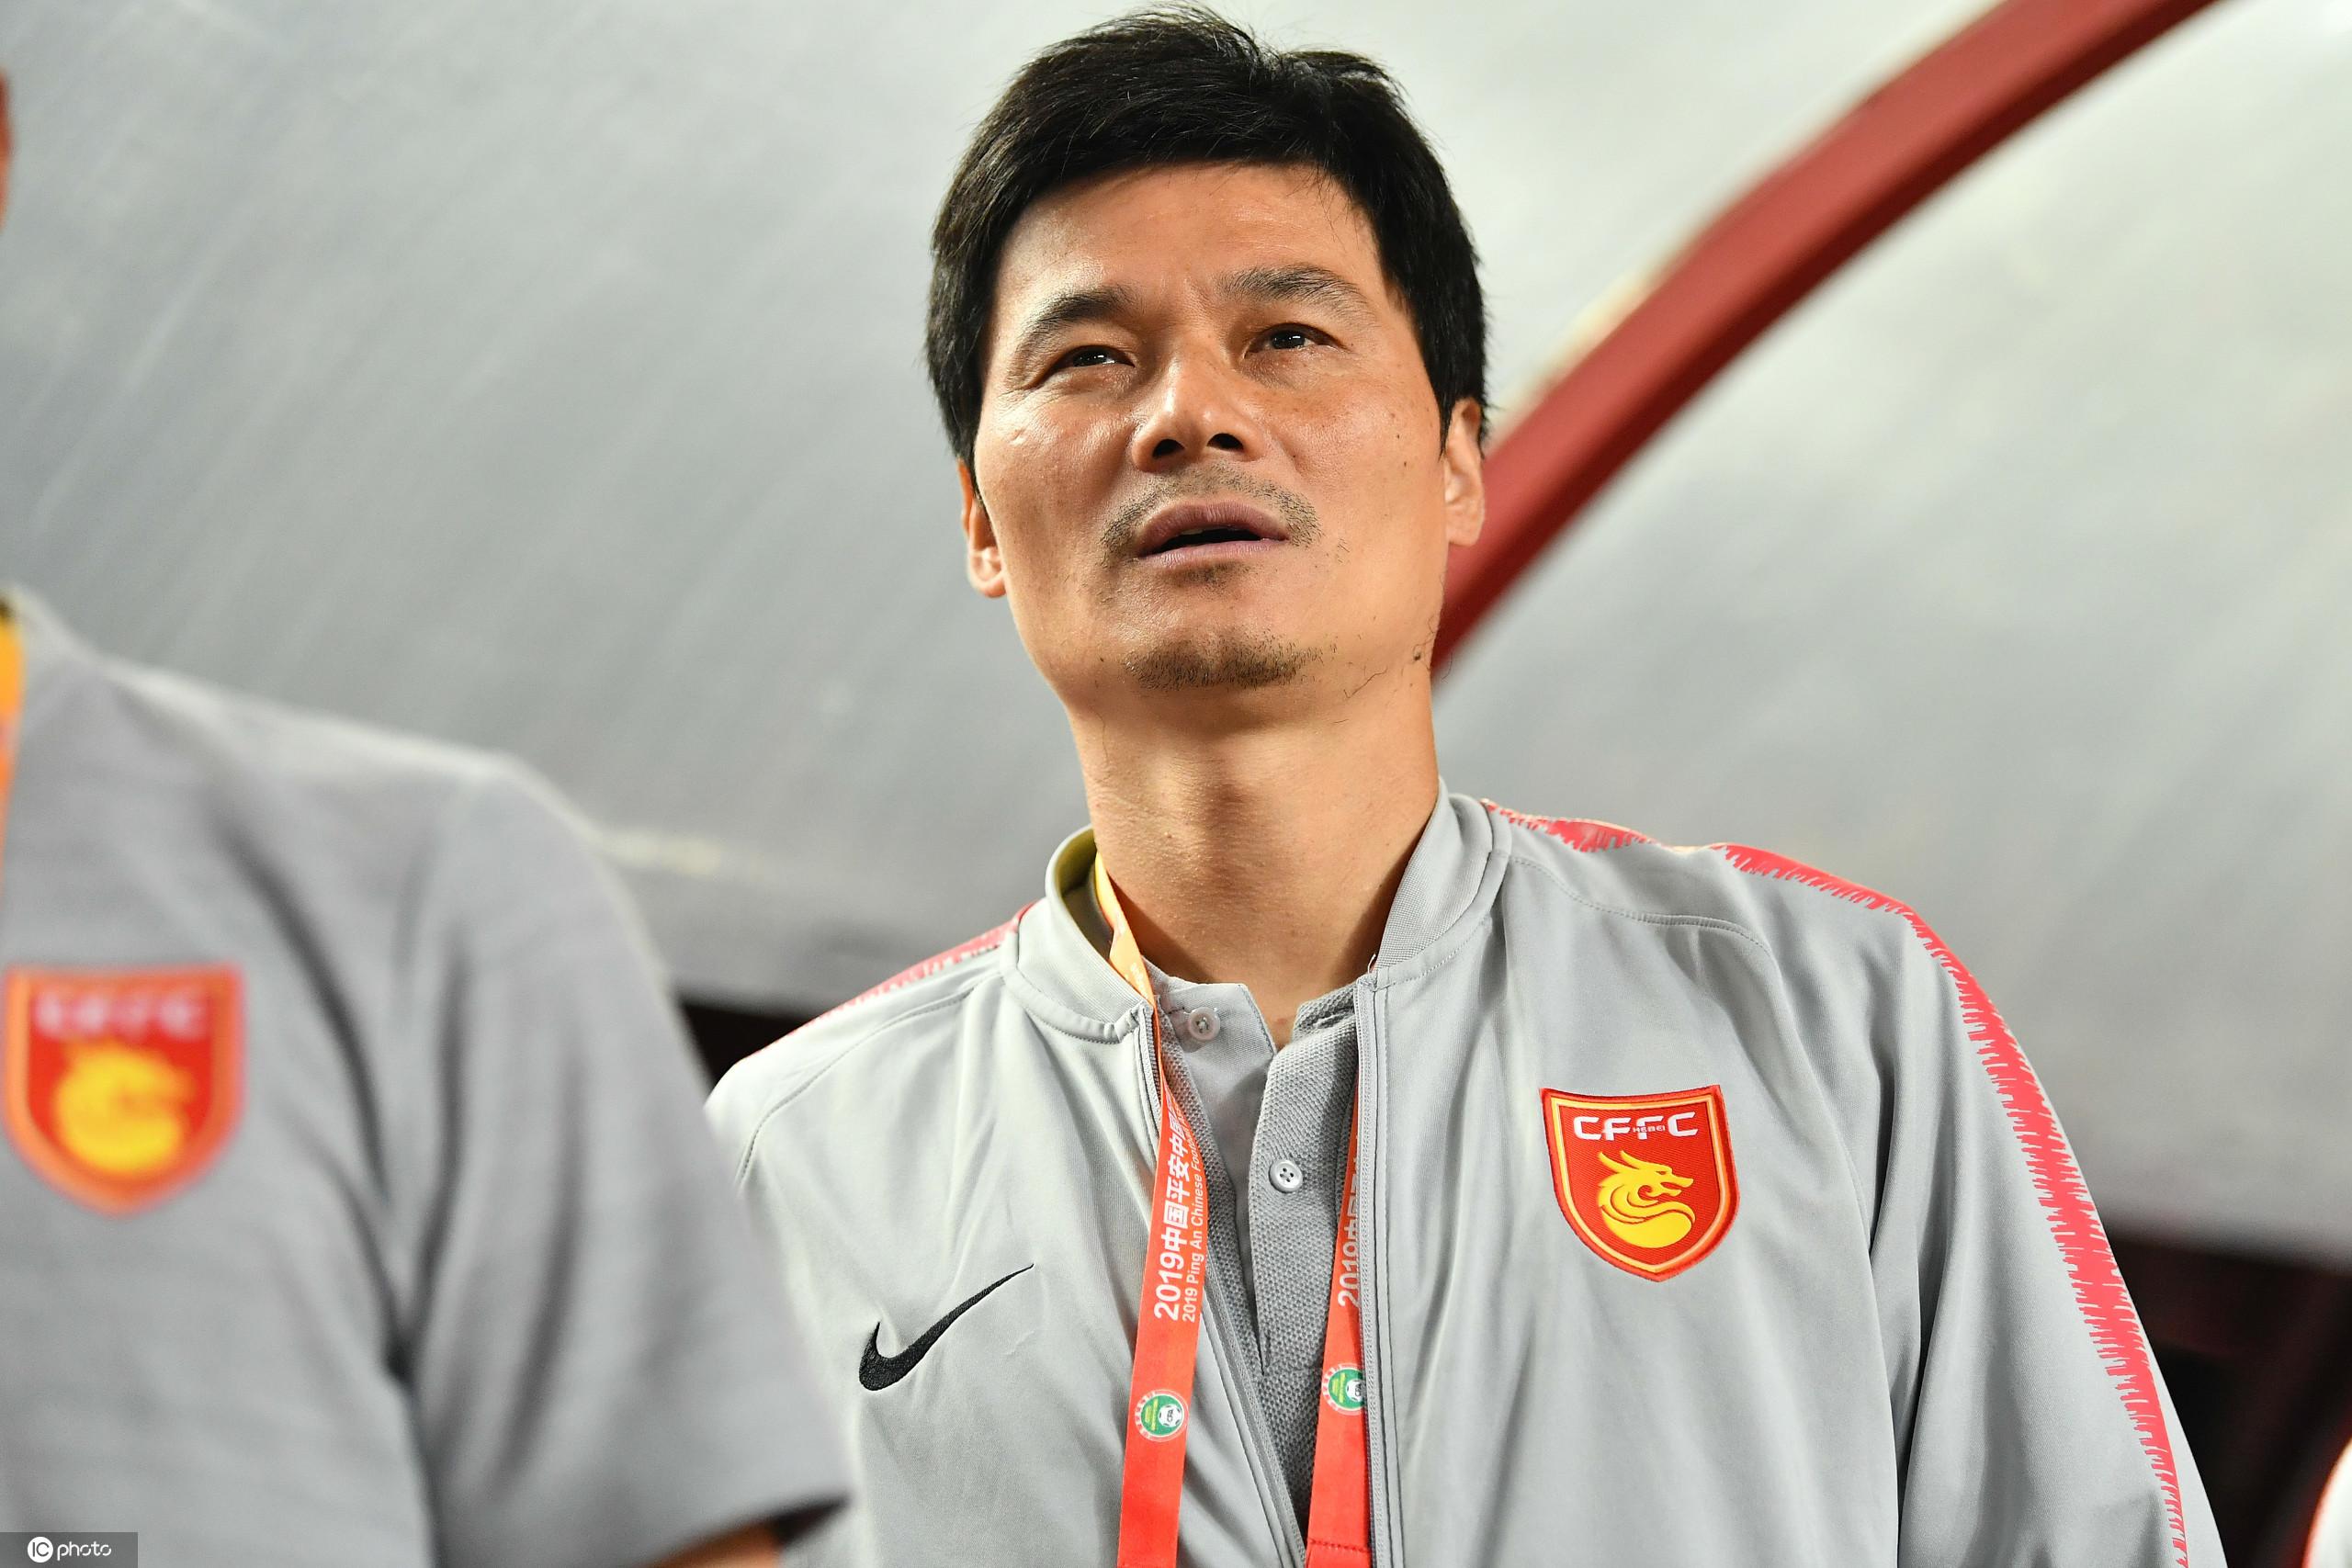 李毅回应王兴言论:不懂球的人评价中国足球没意义